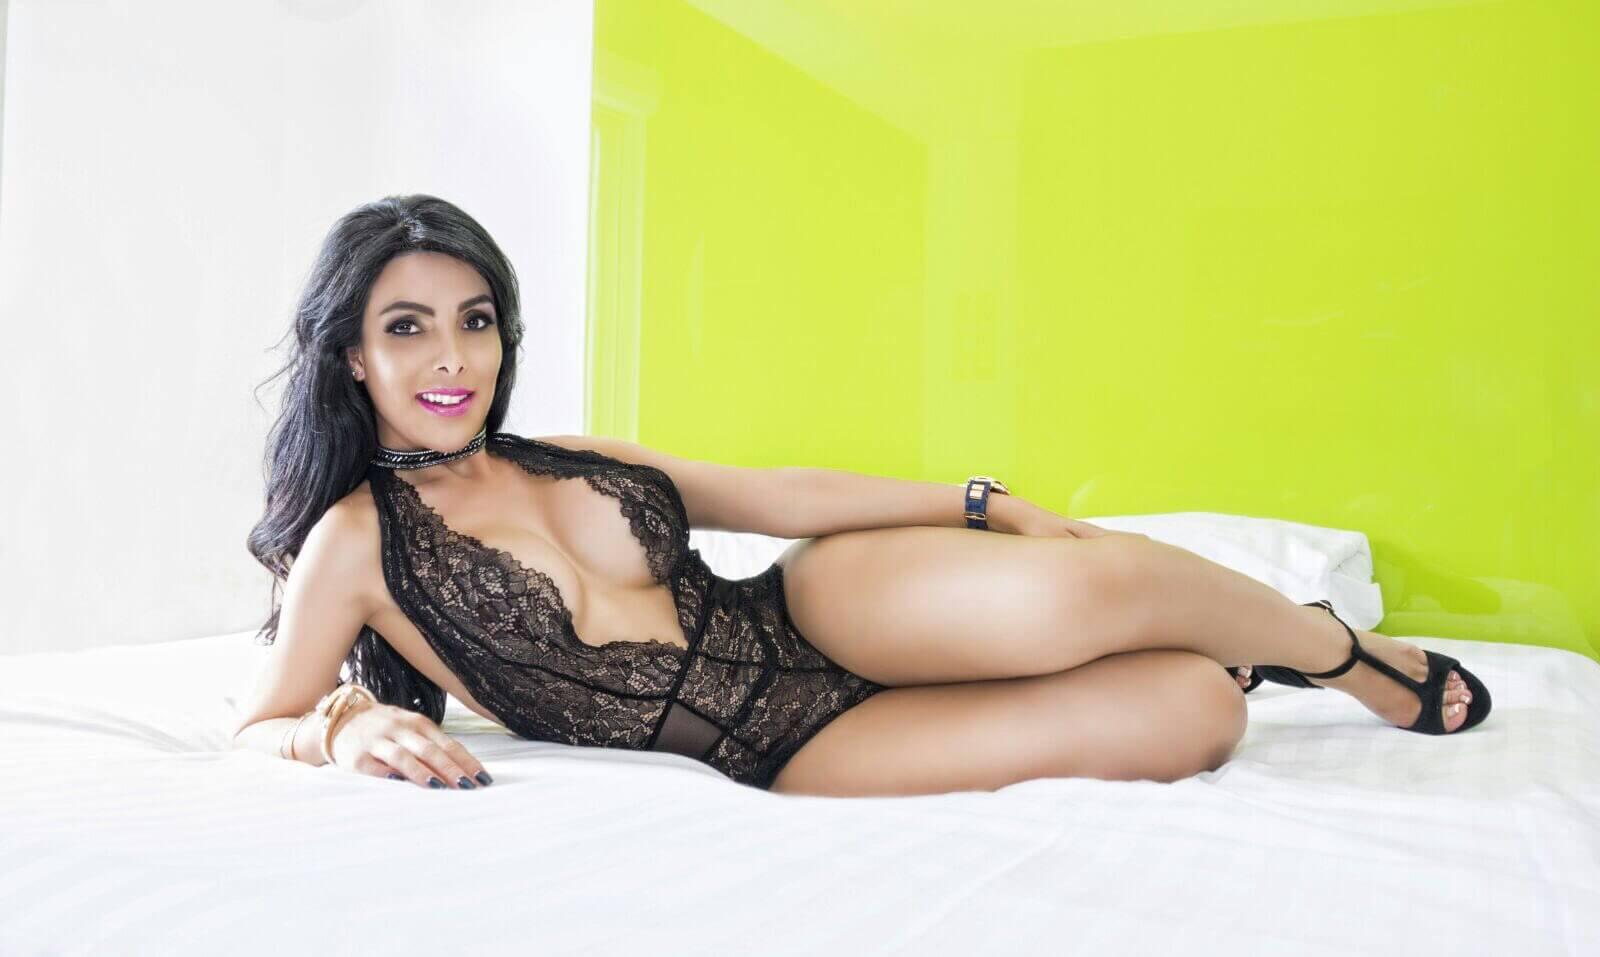 Paola Ferratti transexual